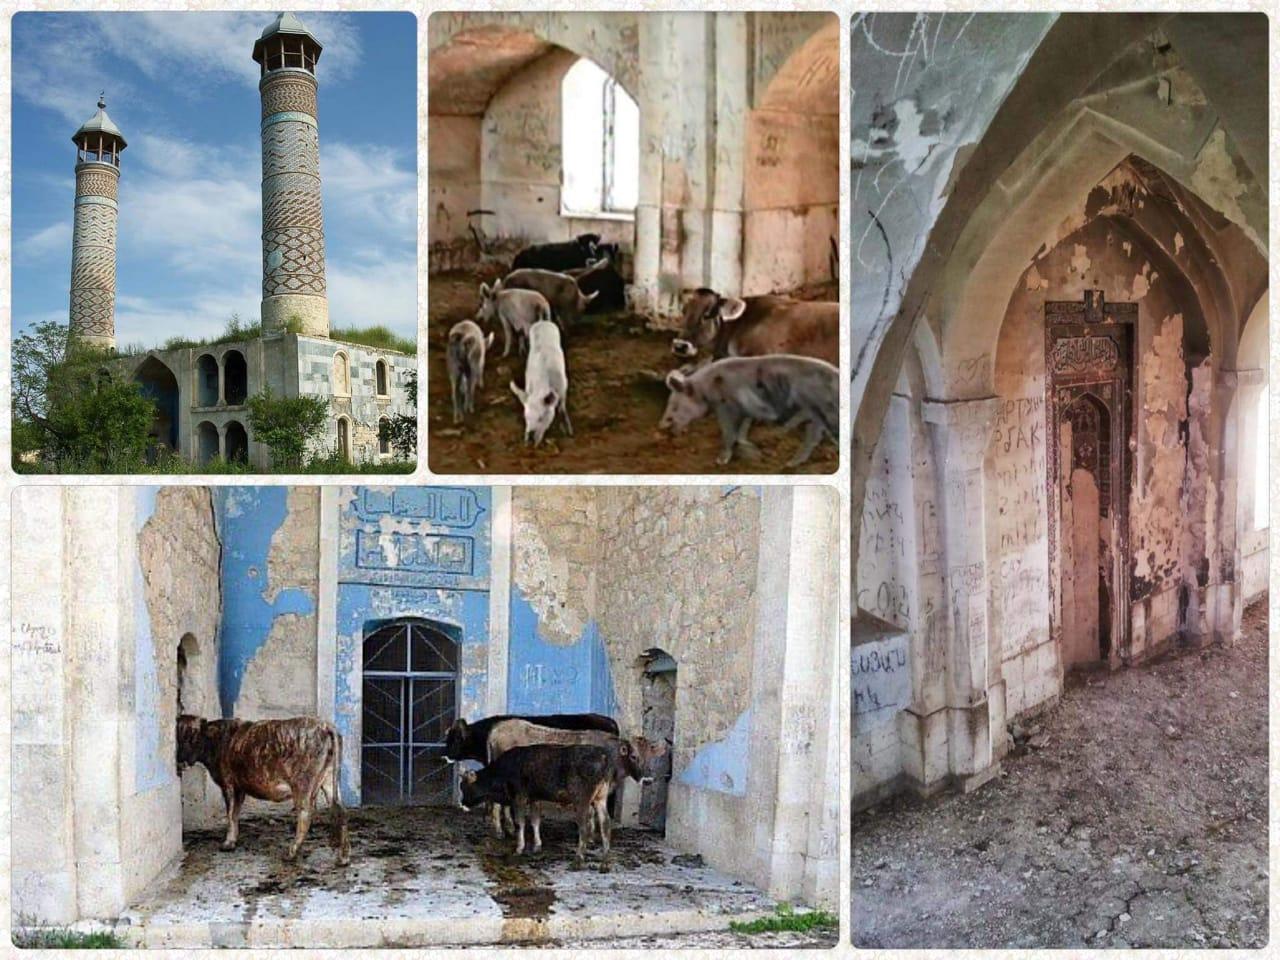 Masjid-masjid yang diserang oleh Armenia dalam kondisi setengah roboh dijadikan kandang Sapi dan Babi